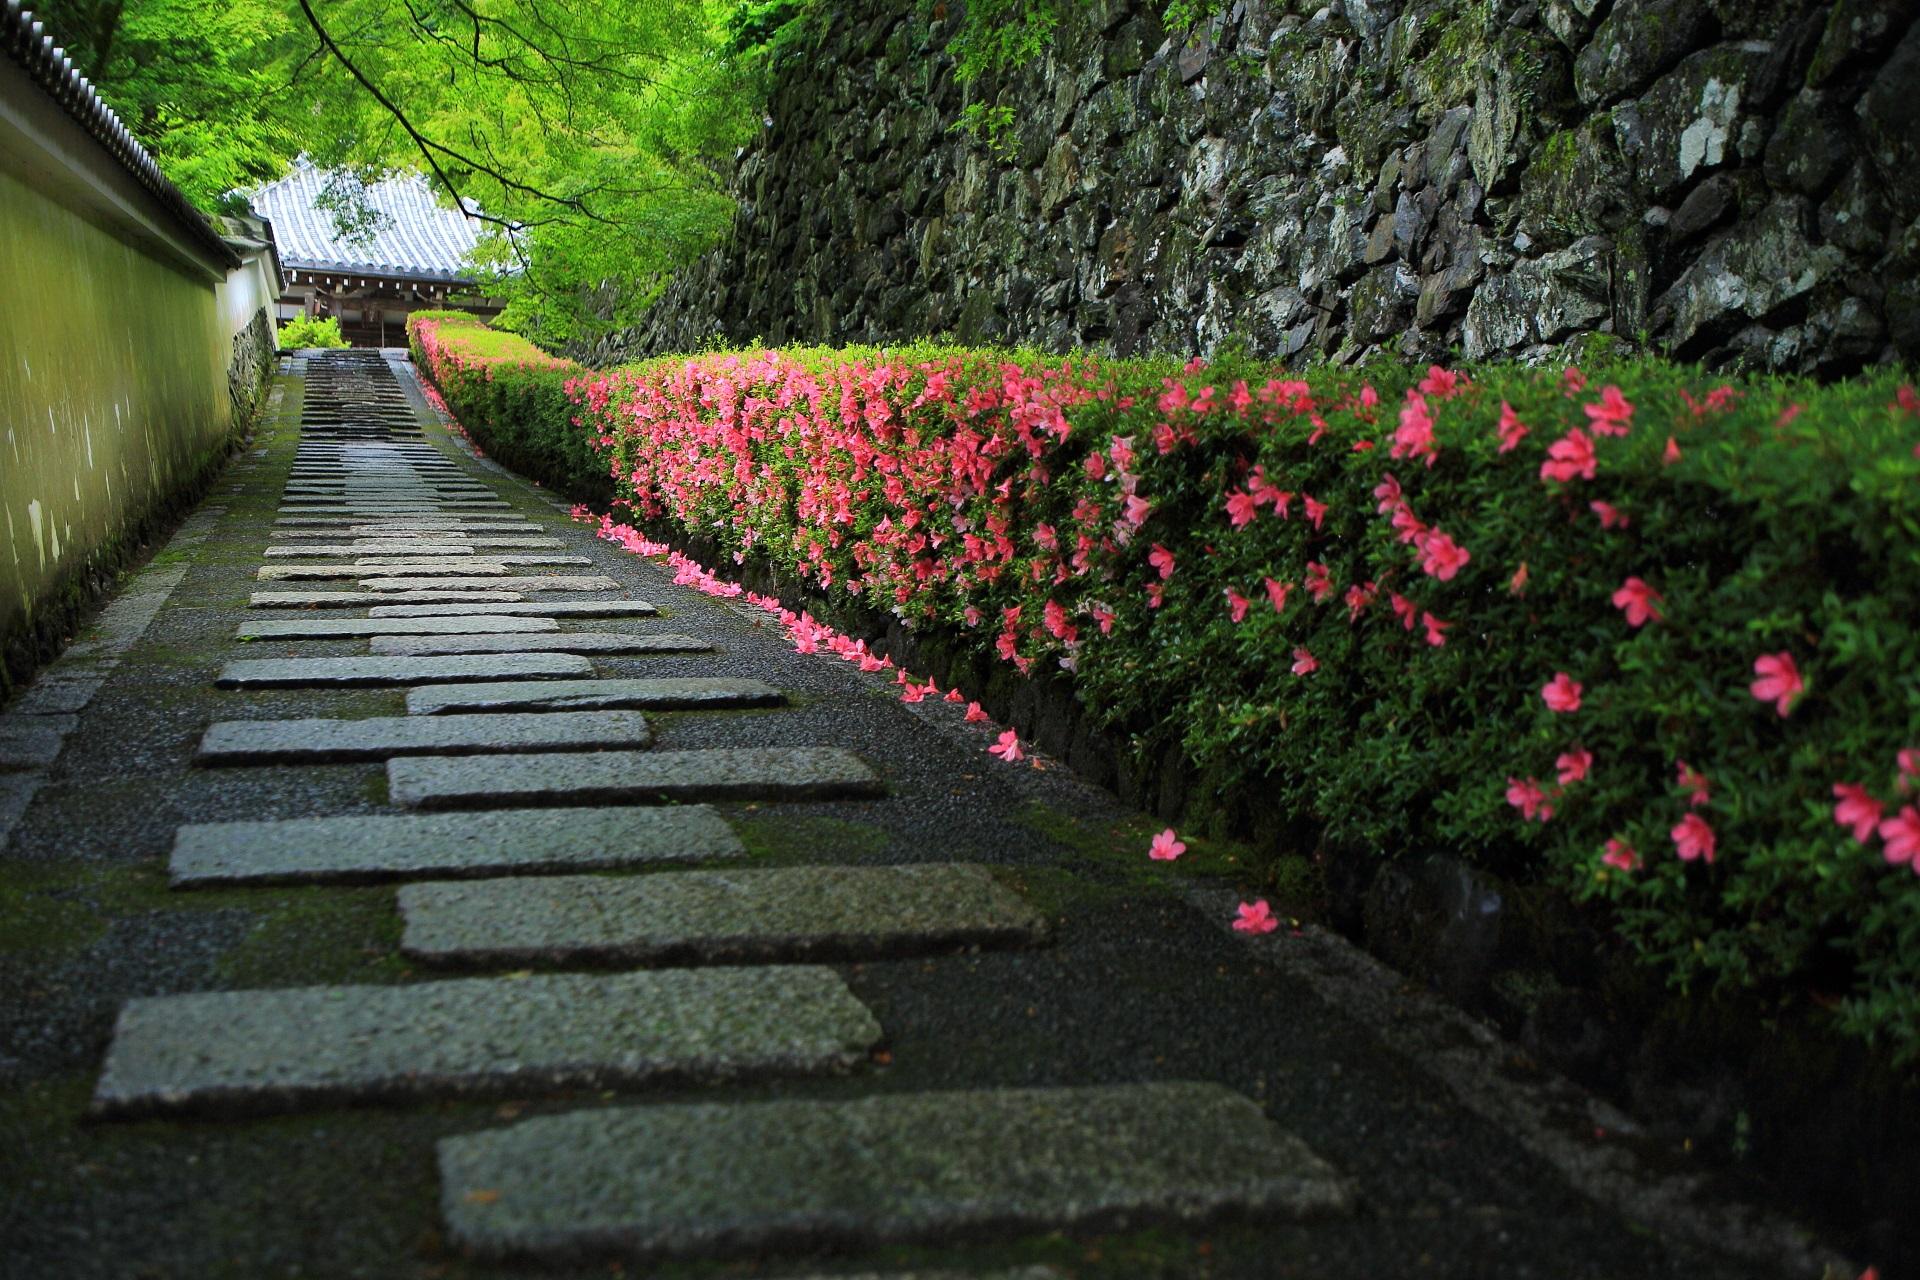 善峯寺 さつき 鮮やかなピンクと風情ある緑の彩り